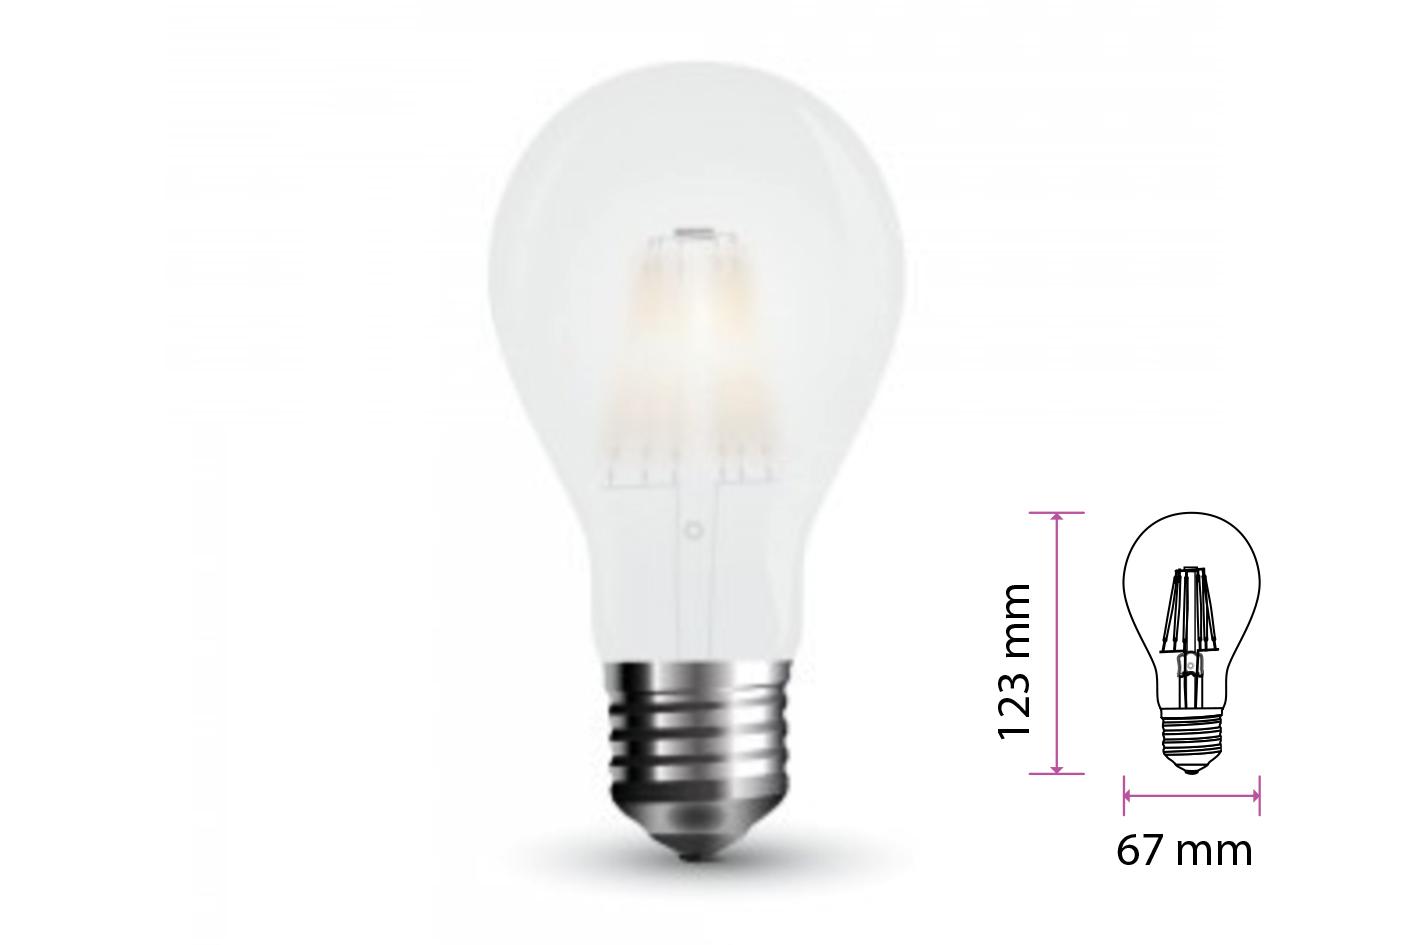 Lampada Filo Led a Filamento E27 9W Bianco Caldo 2700K 1100 LM A++ A67 Vetro Satinato 300 Gradi SKU-7184 - PZ